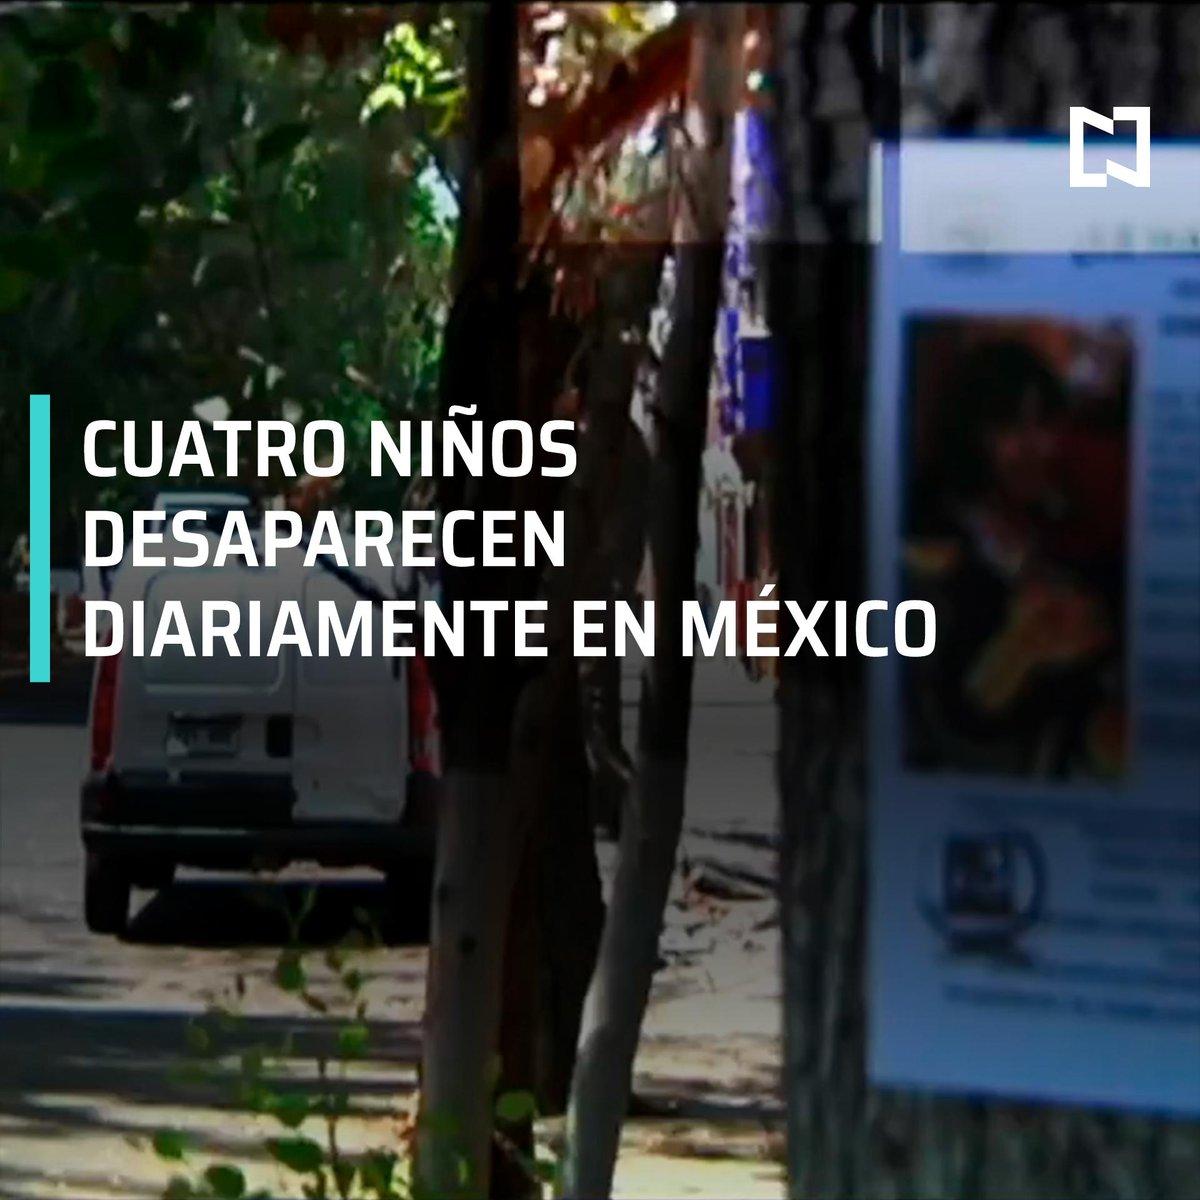 De 2016 a 2018, hubo 3 mil 150 robos de menores, reveló Portal de Datos Abiertos de CDMX; pueden ser víctimas de tráfico sexual, laboral, o vendidos en el mercado negro de órganos #LasNoticiasConDanielle con @daniellemx_